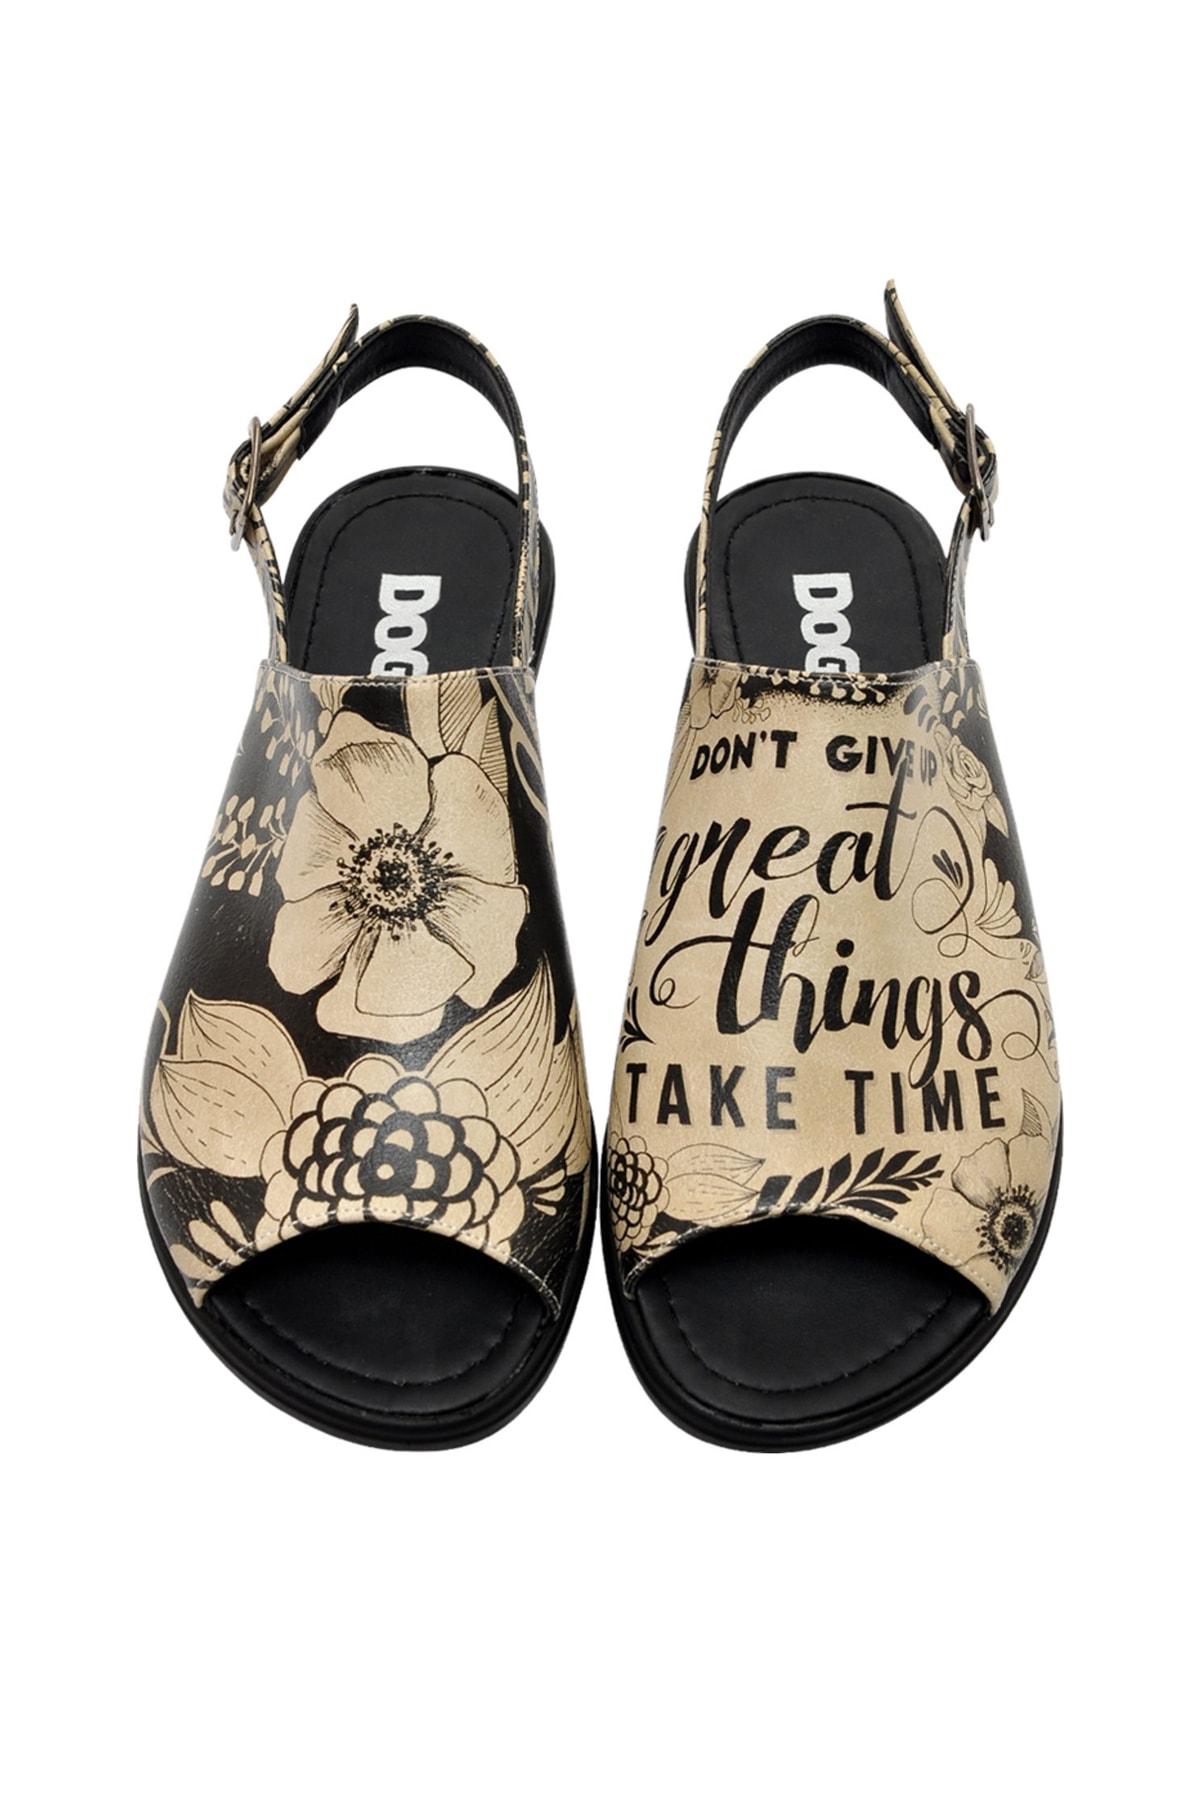 Dogo DonT Give Up Kadın Düz Sandalet dgs018-blm006 1